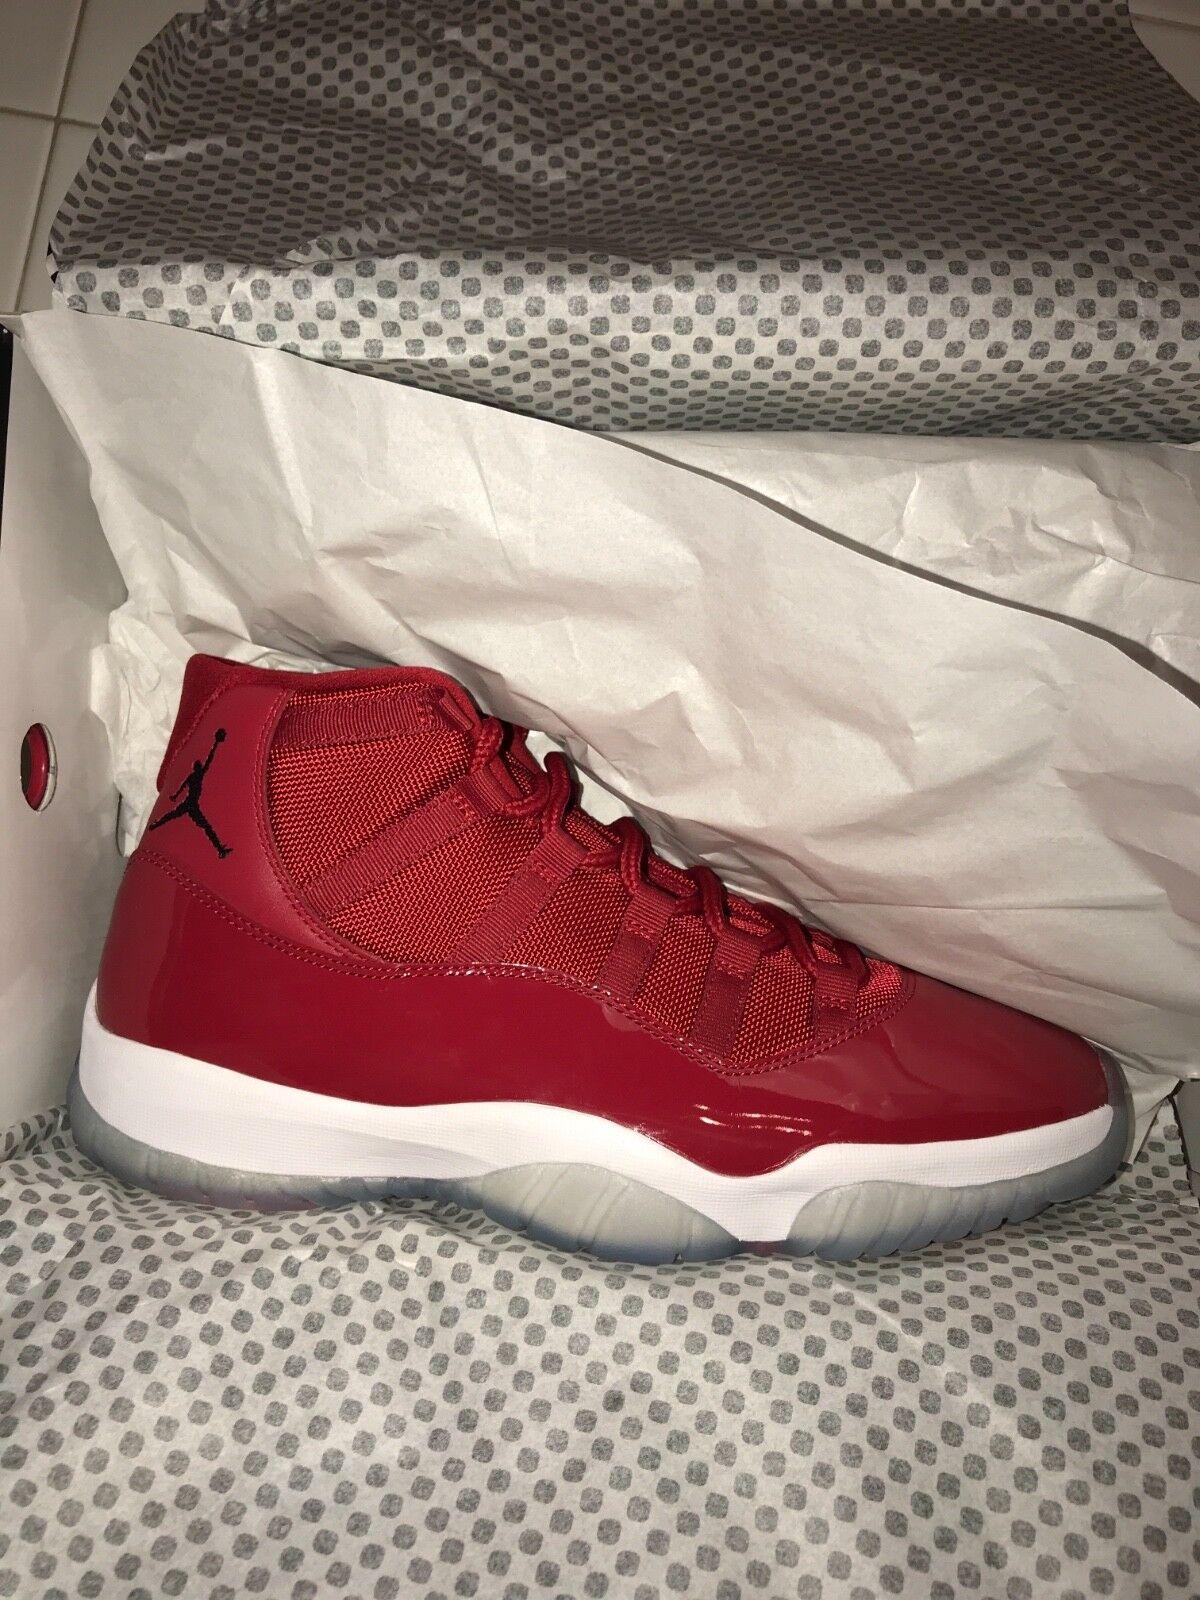 Nike Air Jordan XI 11 Retro Win [378037-623] Men Casual Shoes Win Retro Like 96 Gym Red 6a8e09